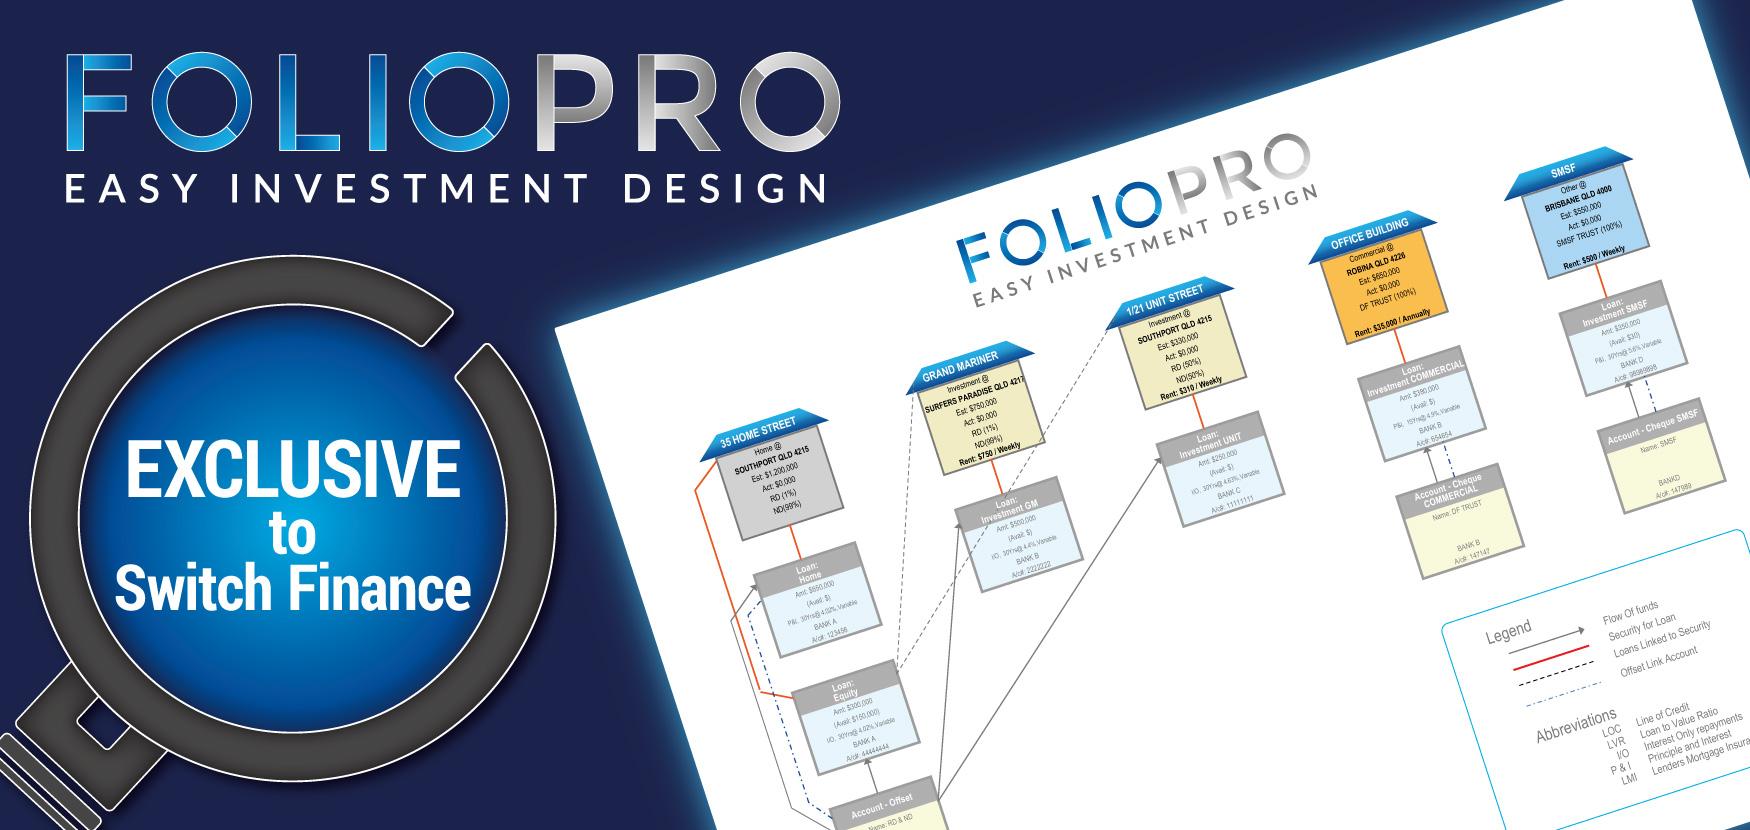 FOLIO PRO Easy Investment Design